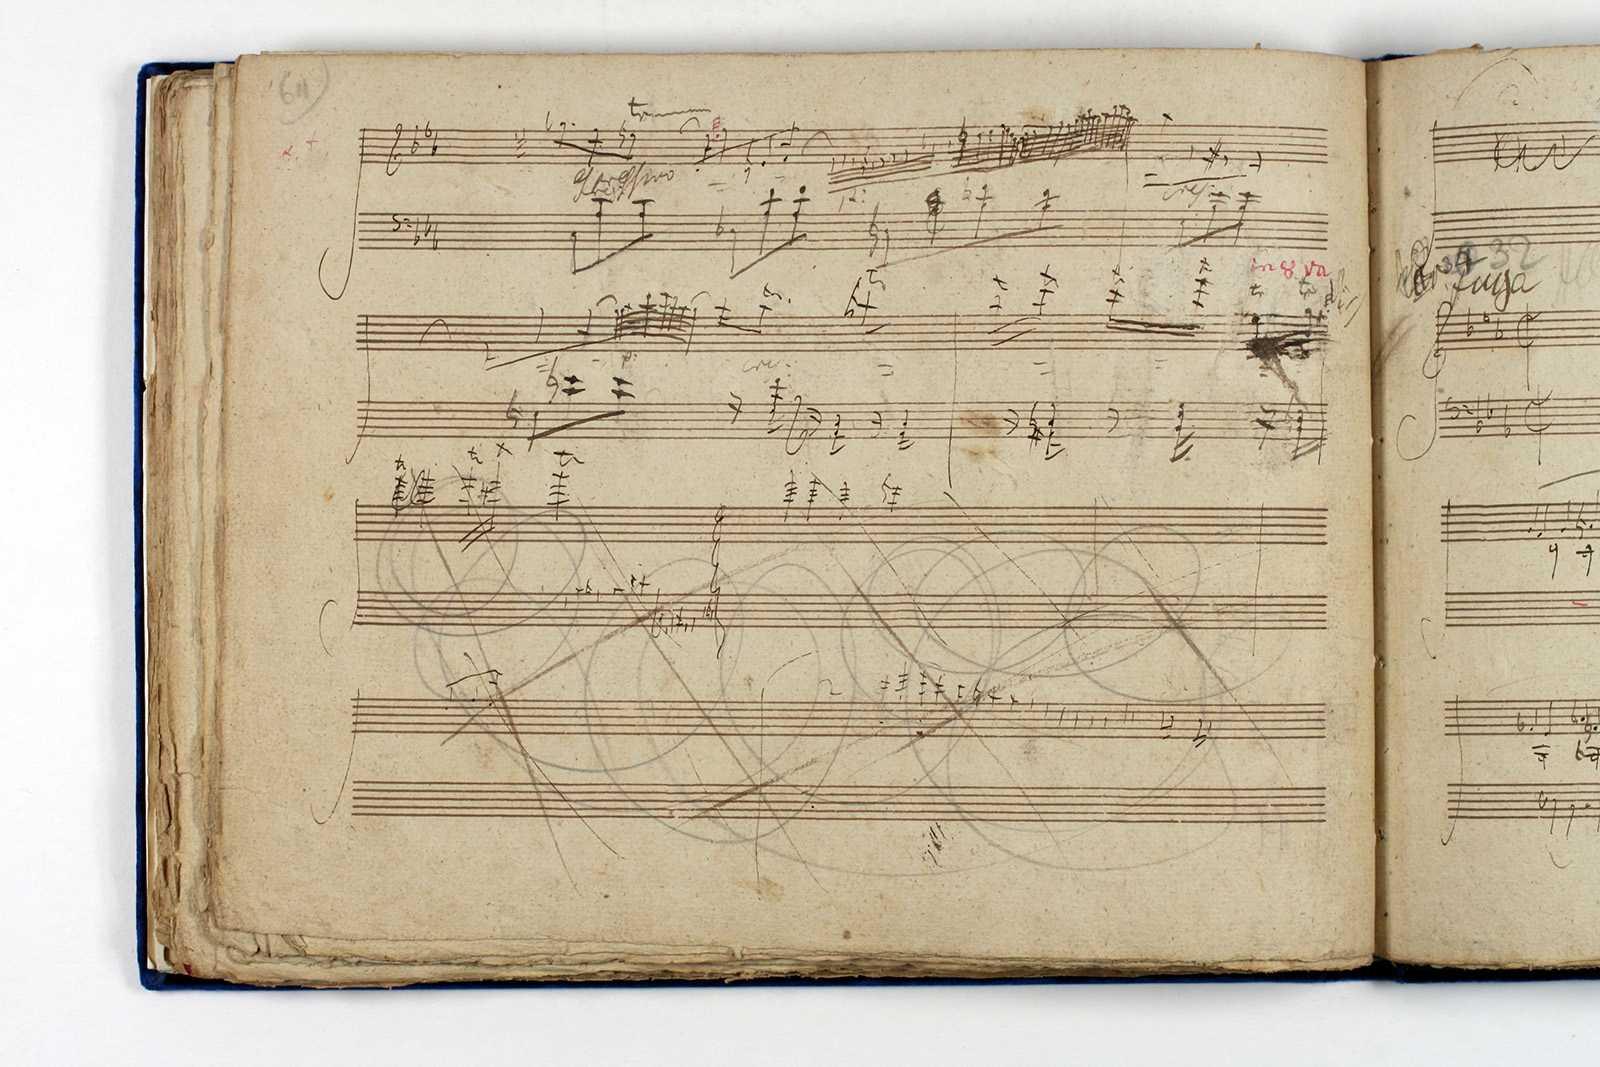 Beethovens Handschrift der Diabelli-Variationen: Blatt der 31. Variation